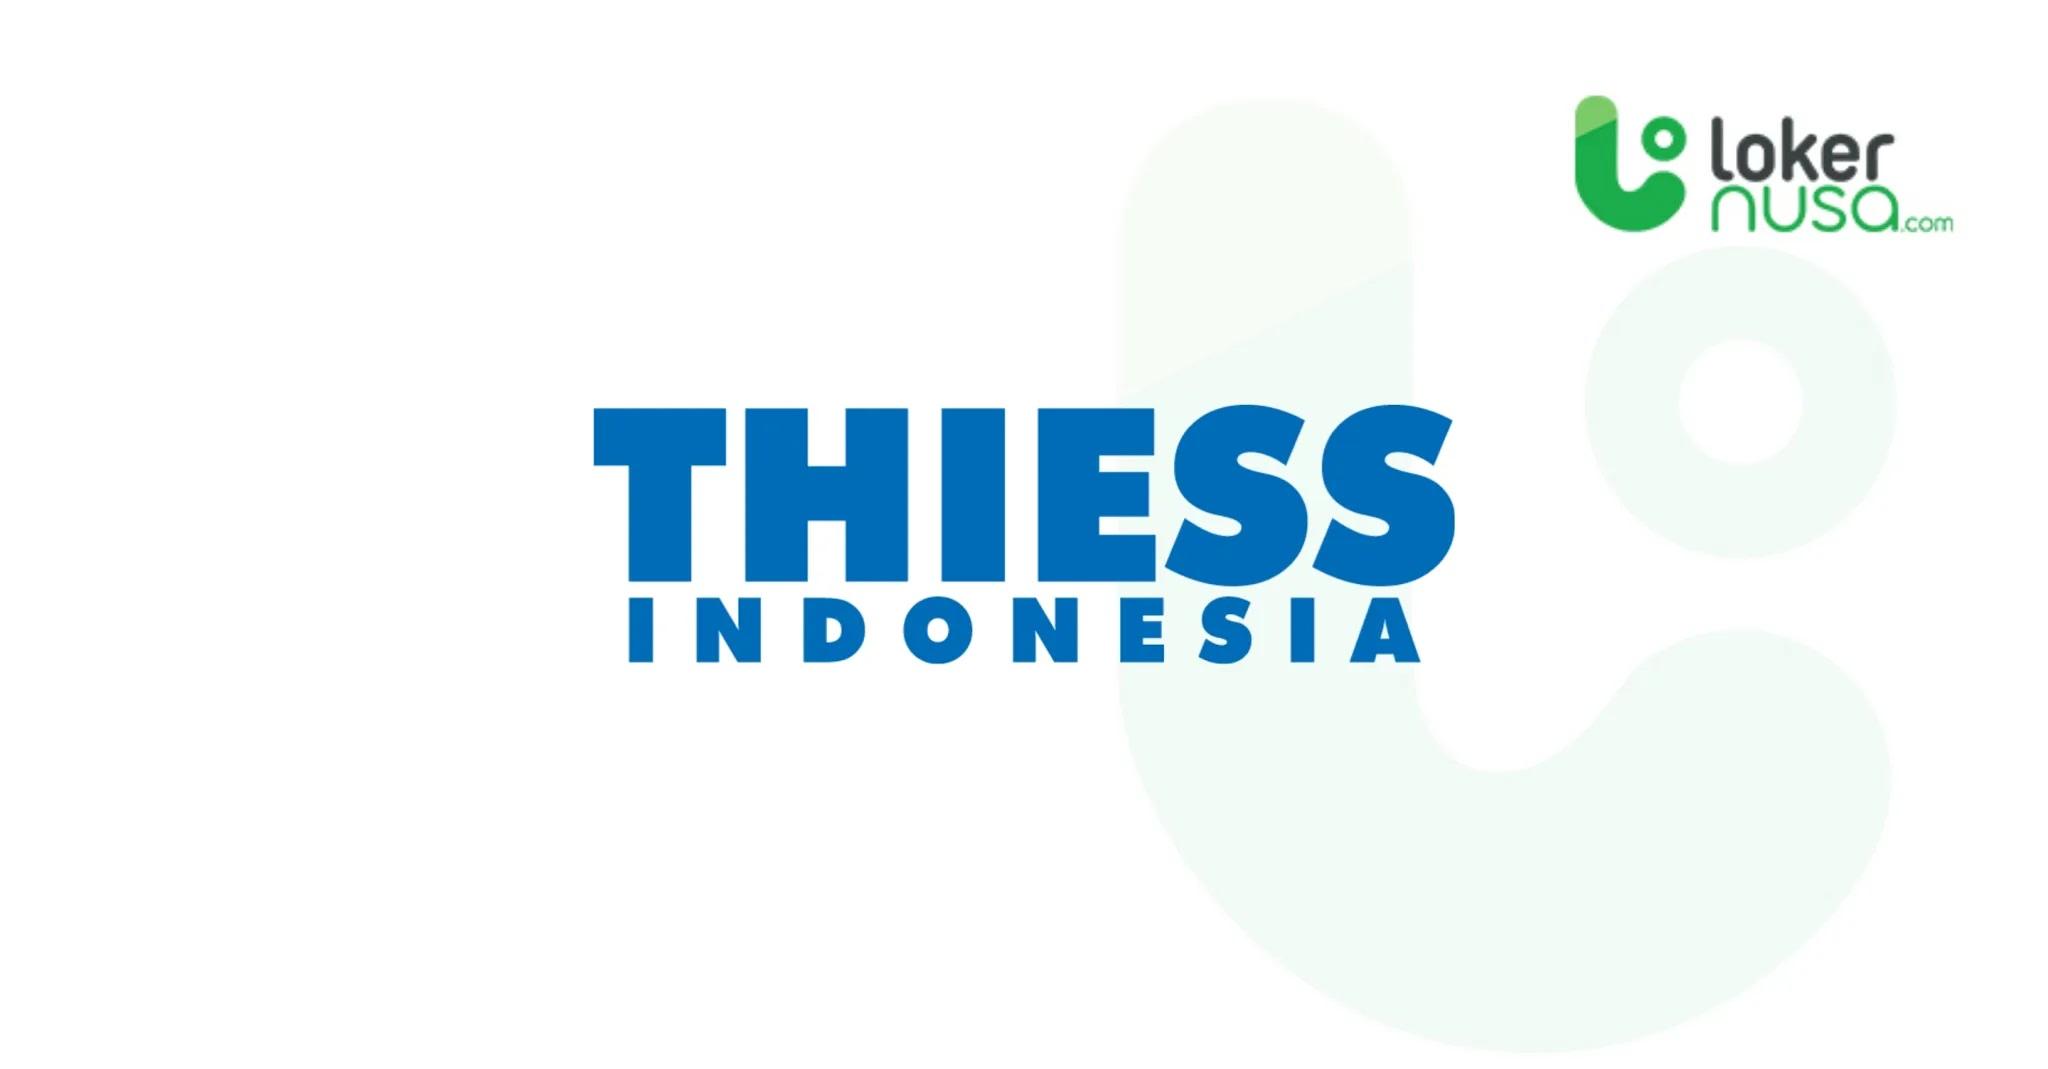 Lowongan Kerja Tambang Thiess Indonesia